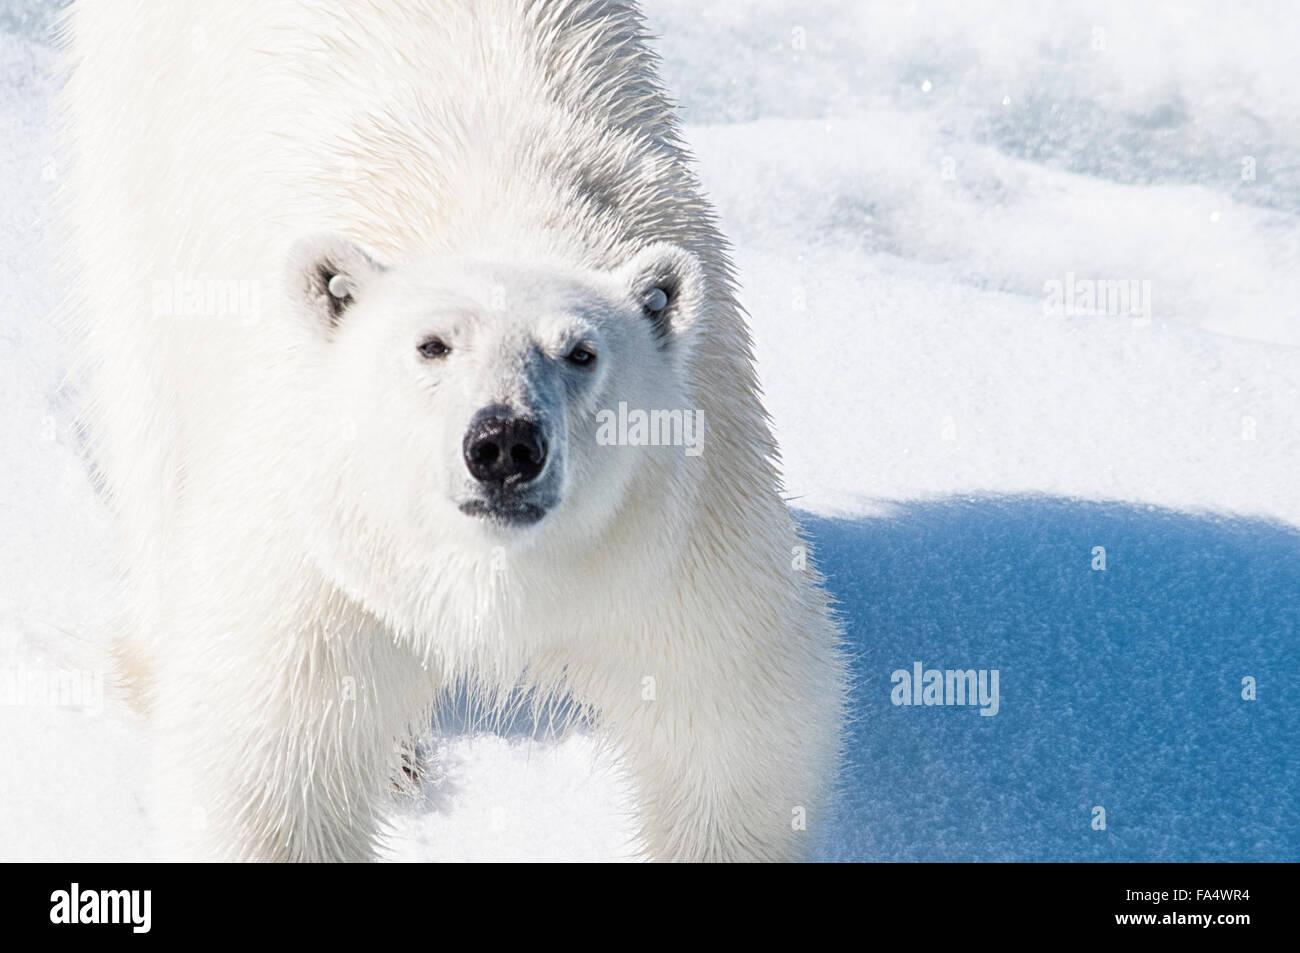 Portrait d'un jeune ours polaires adultes avec les tags dans ses oreilles pour qu'il puisse être suivi Photo Stock